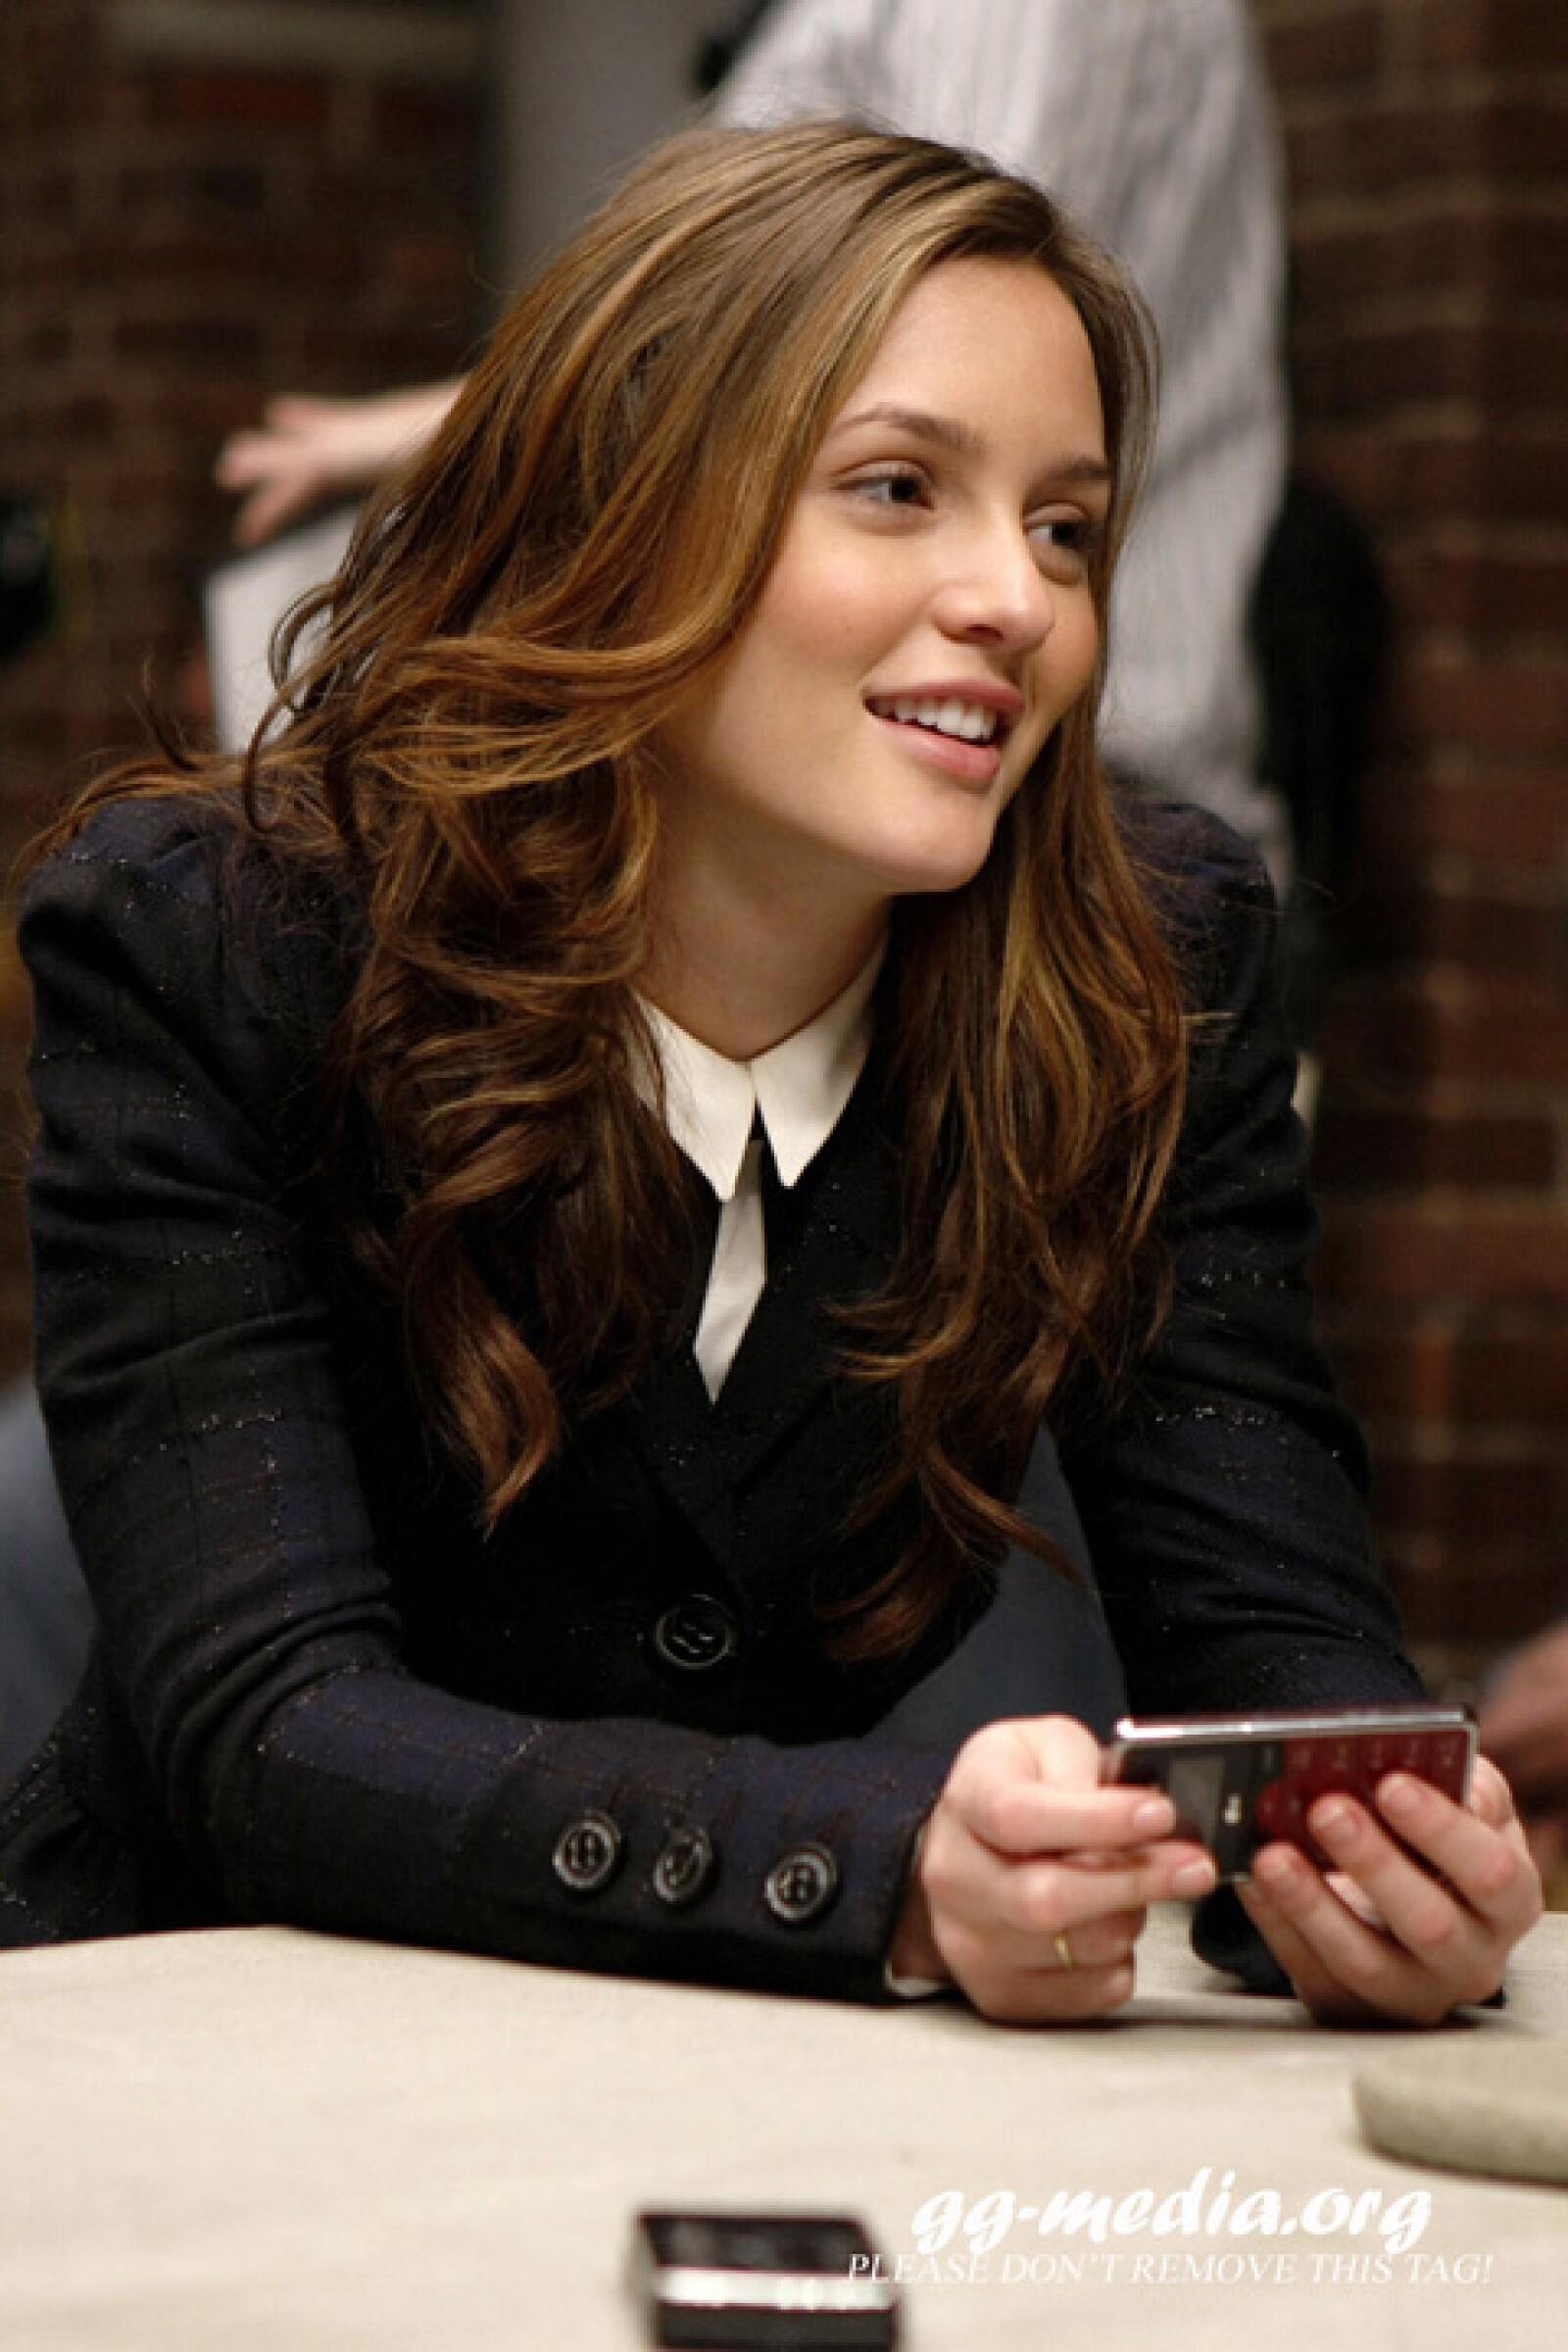 Y cómo olvidar a Blair Waldorf de Gossip Girl, interpretada por Leighton Meester quien hace la vida imposible a todo el que se lo permita en la trama de esta serie.